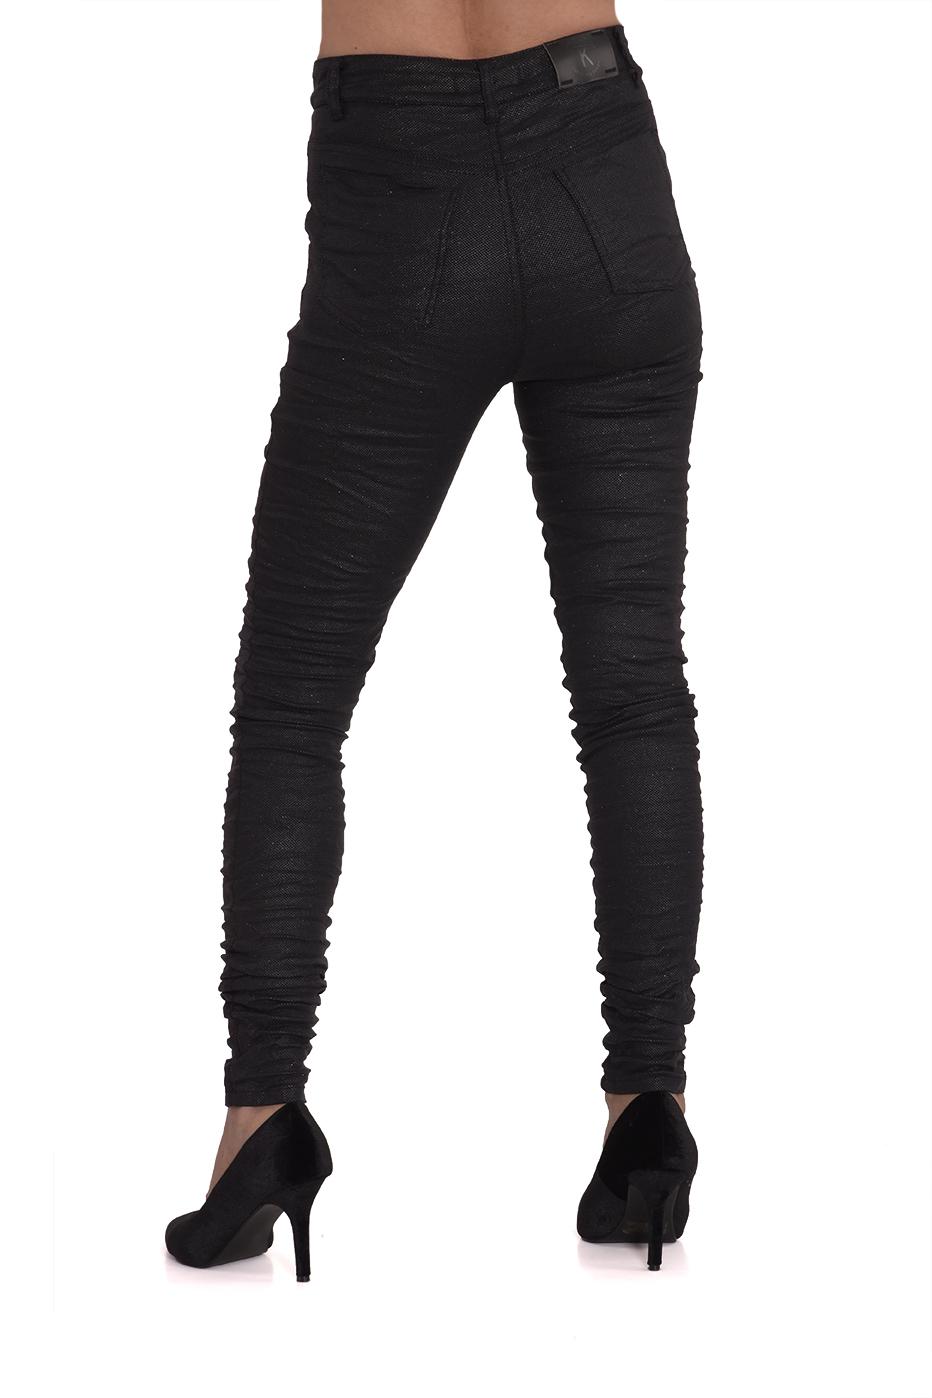 מכנס אמילי שחור